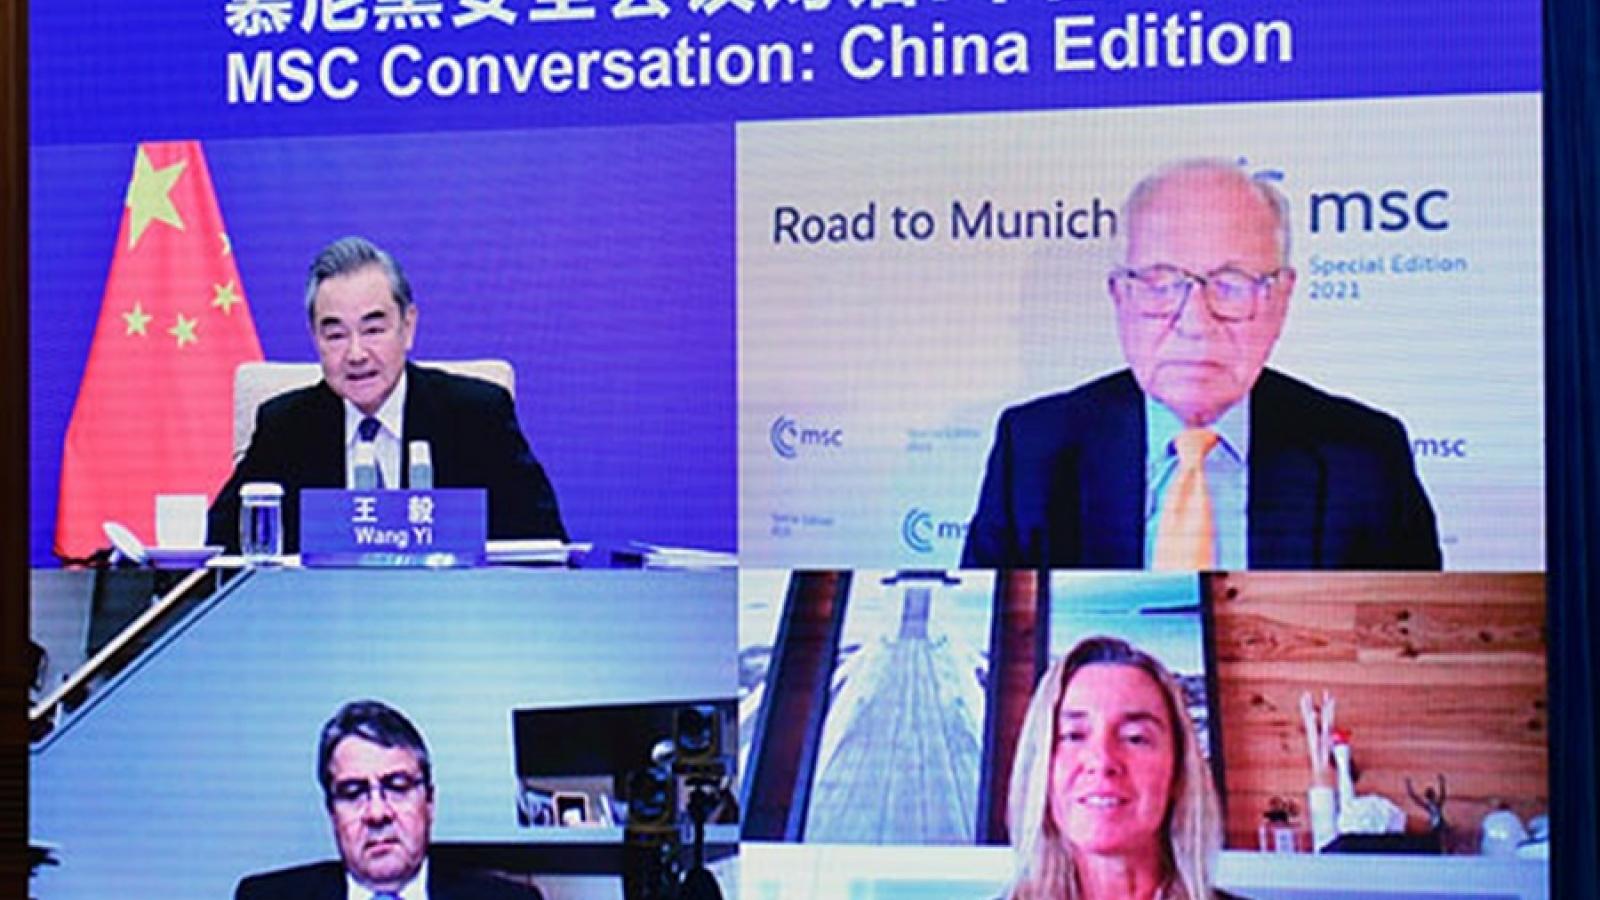 Trung Quốc lên tiếng về Hiệp định đầu tư Trung-Âu, kêu gọi New Zealand hợp tác